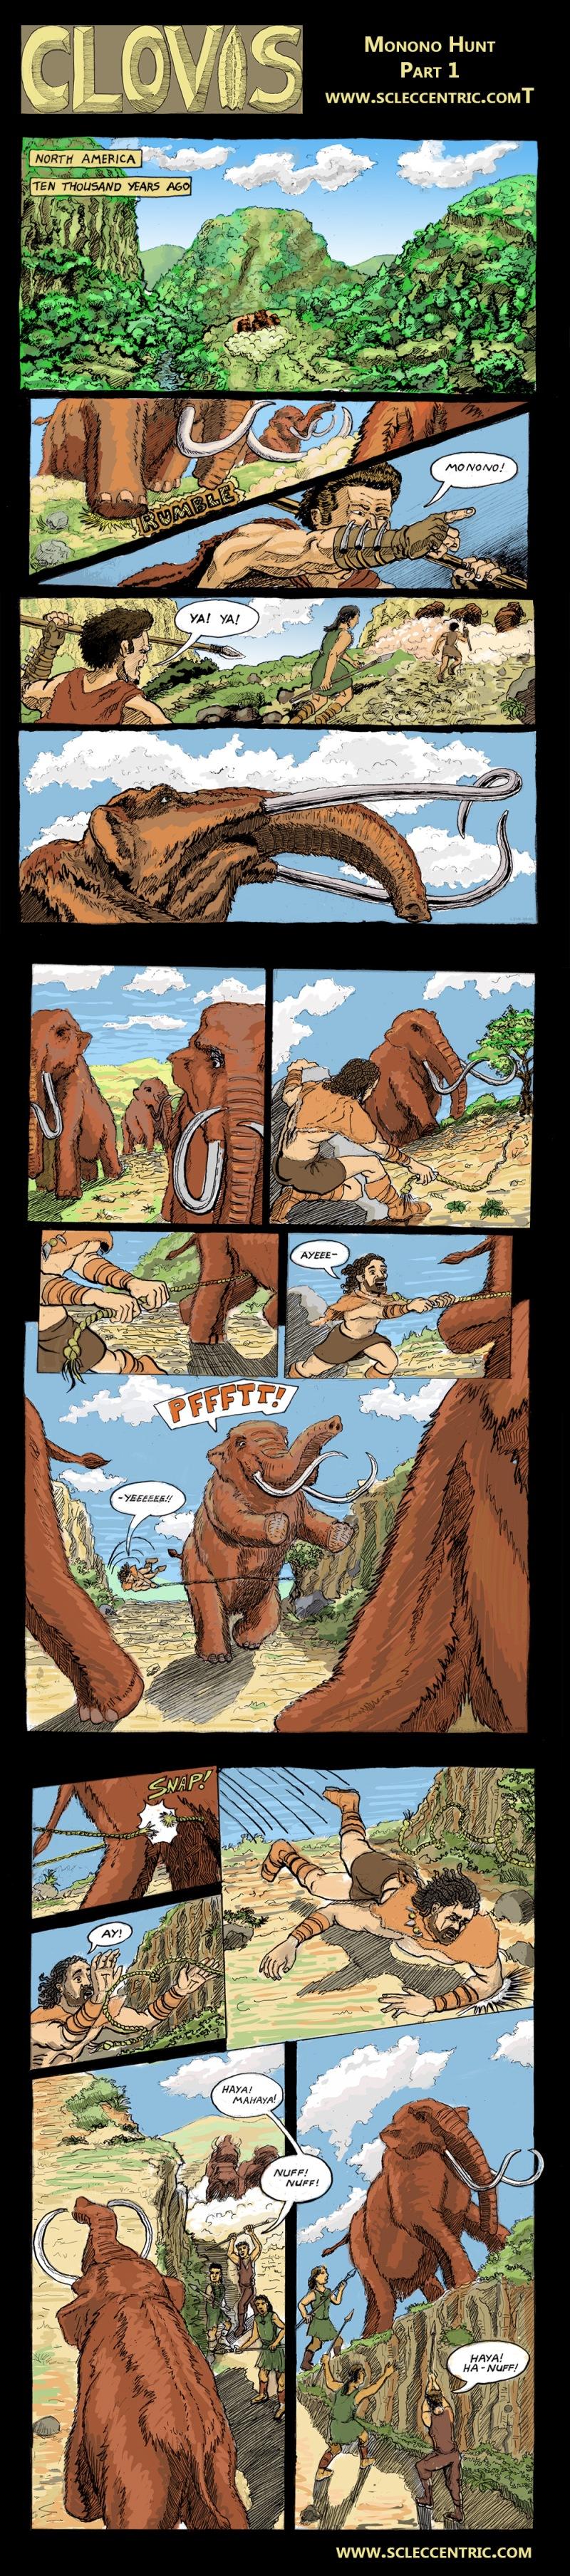 Clovis Monono Hunt 1